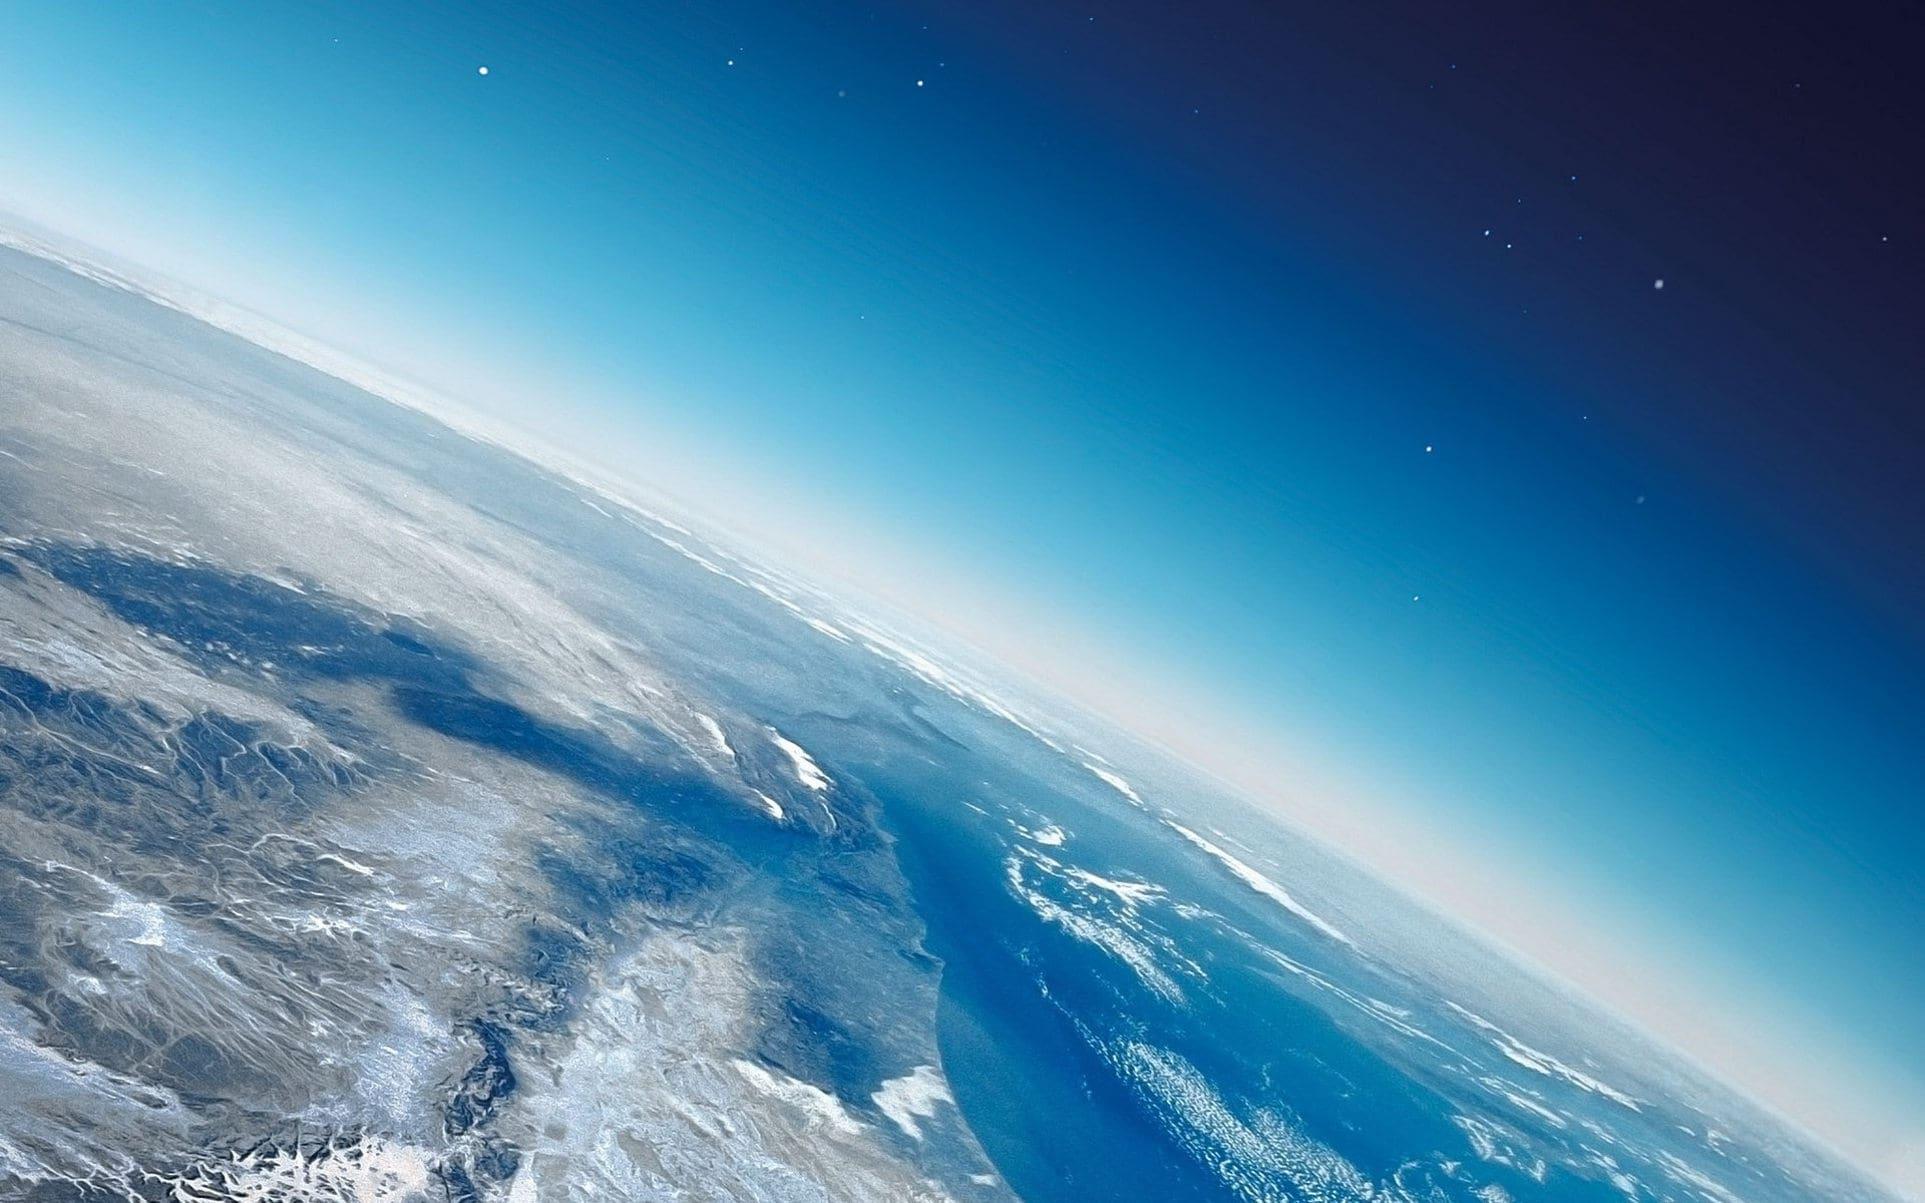 Состав атмосферы Земли, размер молекулы воздуха